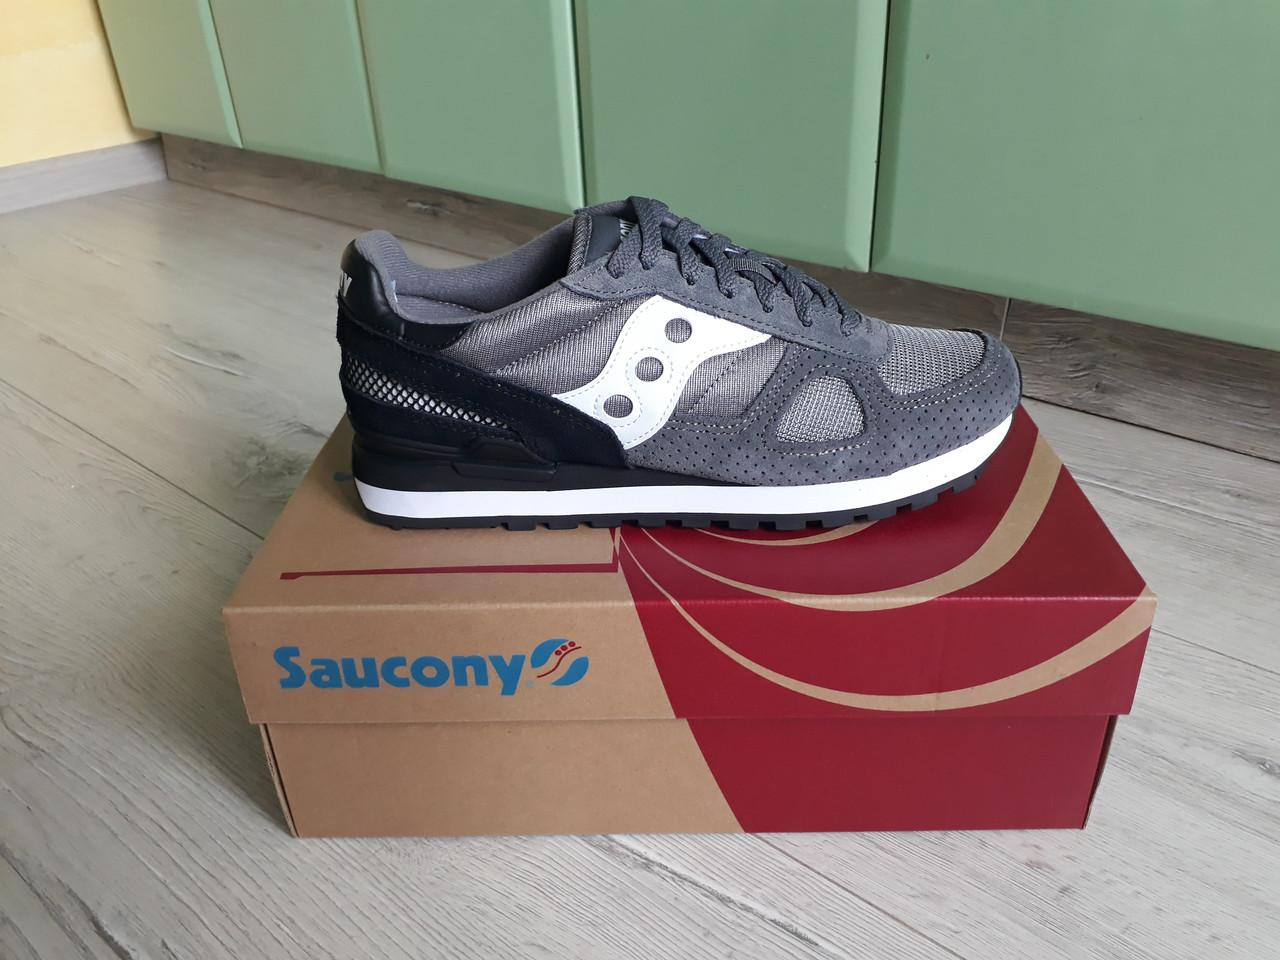 hot sale online 44d74 74520 Мужские оригинальные кроссовки Saucony Shadow Original Grey/Black